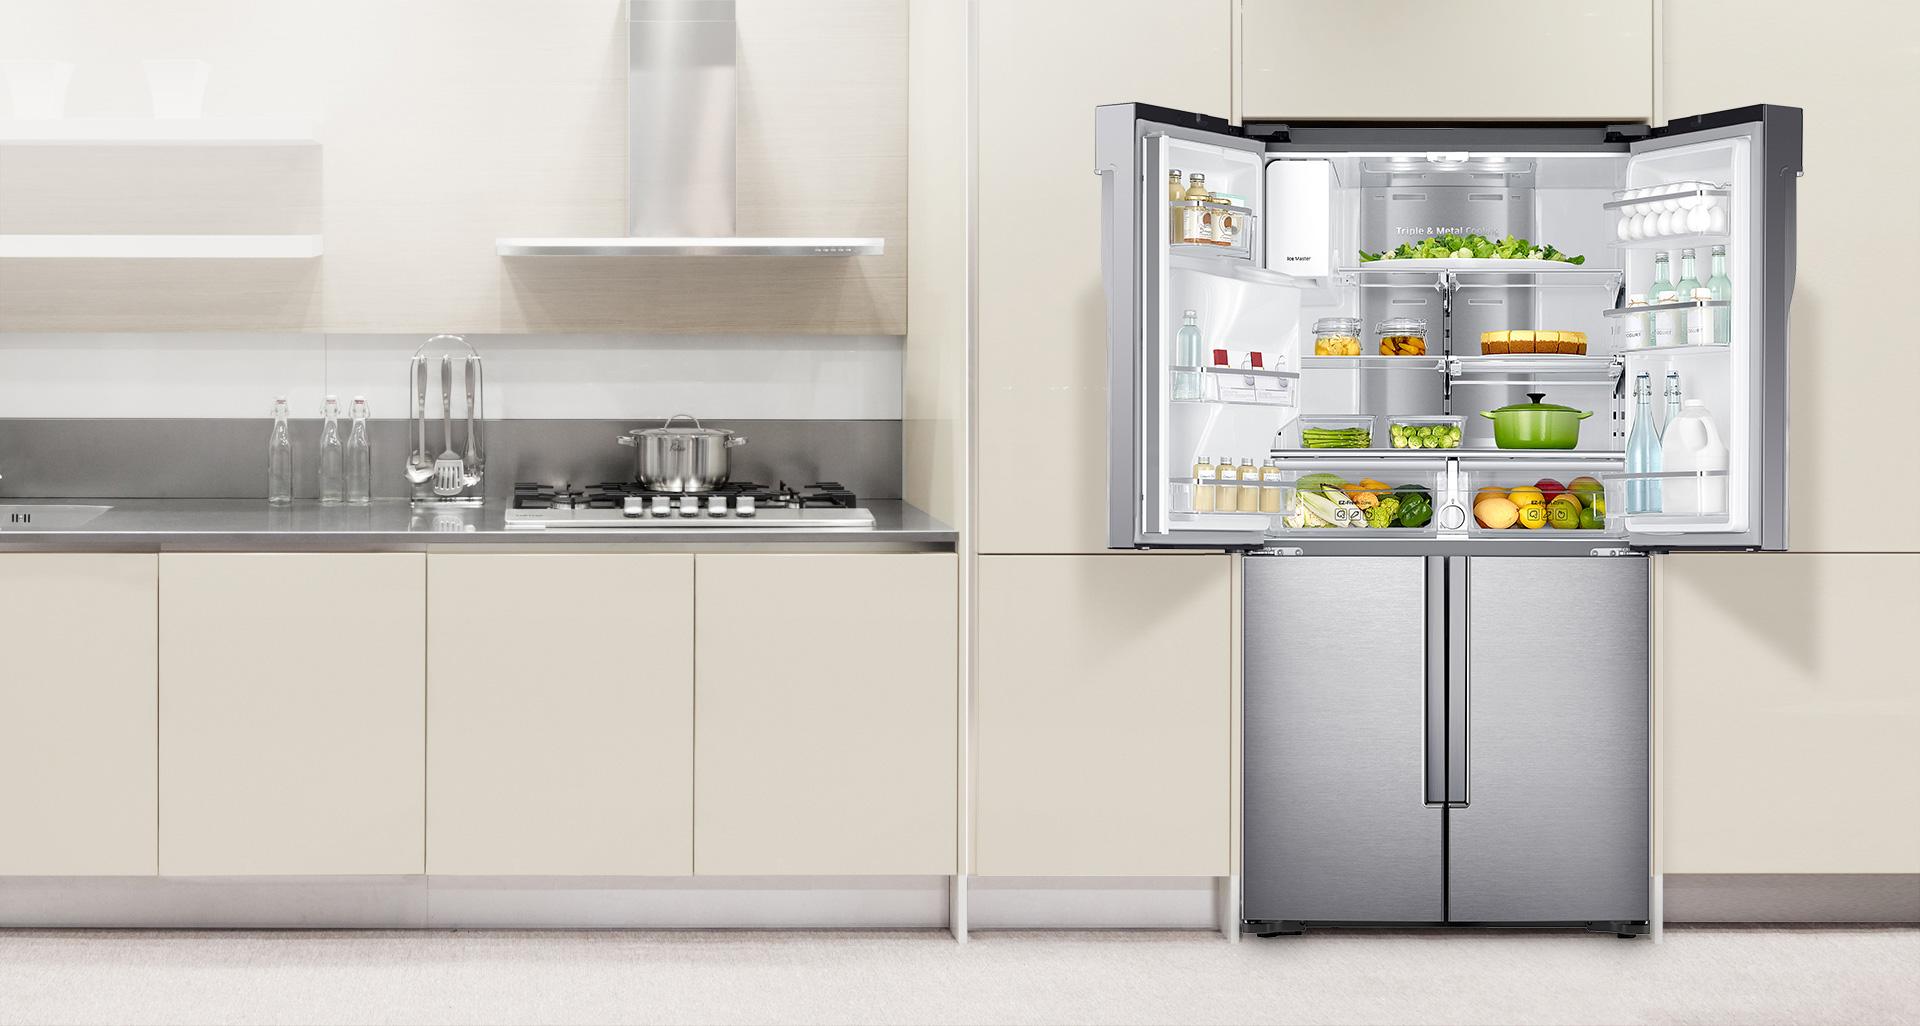 نکاتی که بهتر است قبل از خرید یخچالفریزر بدانید